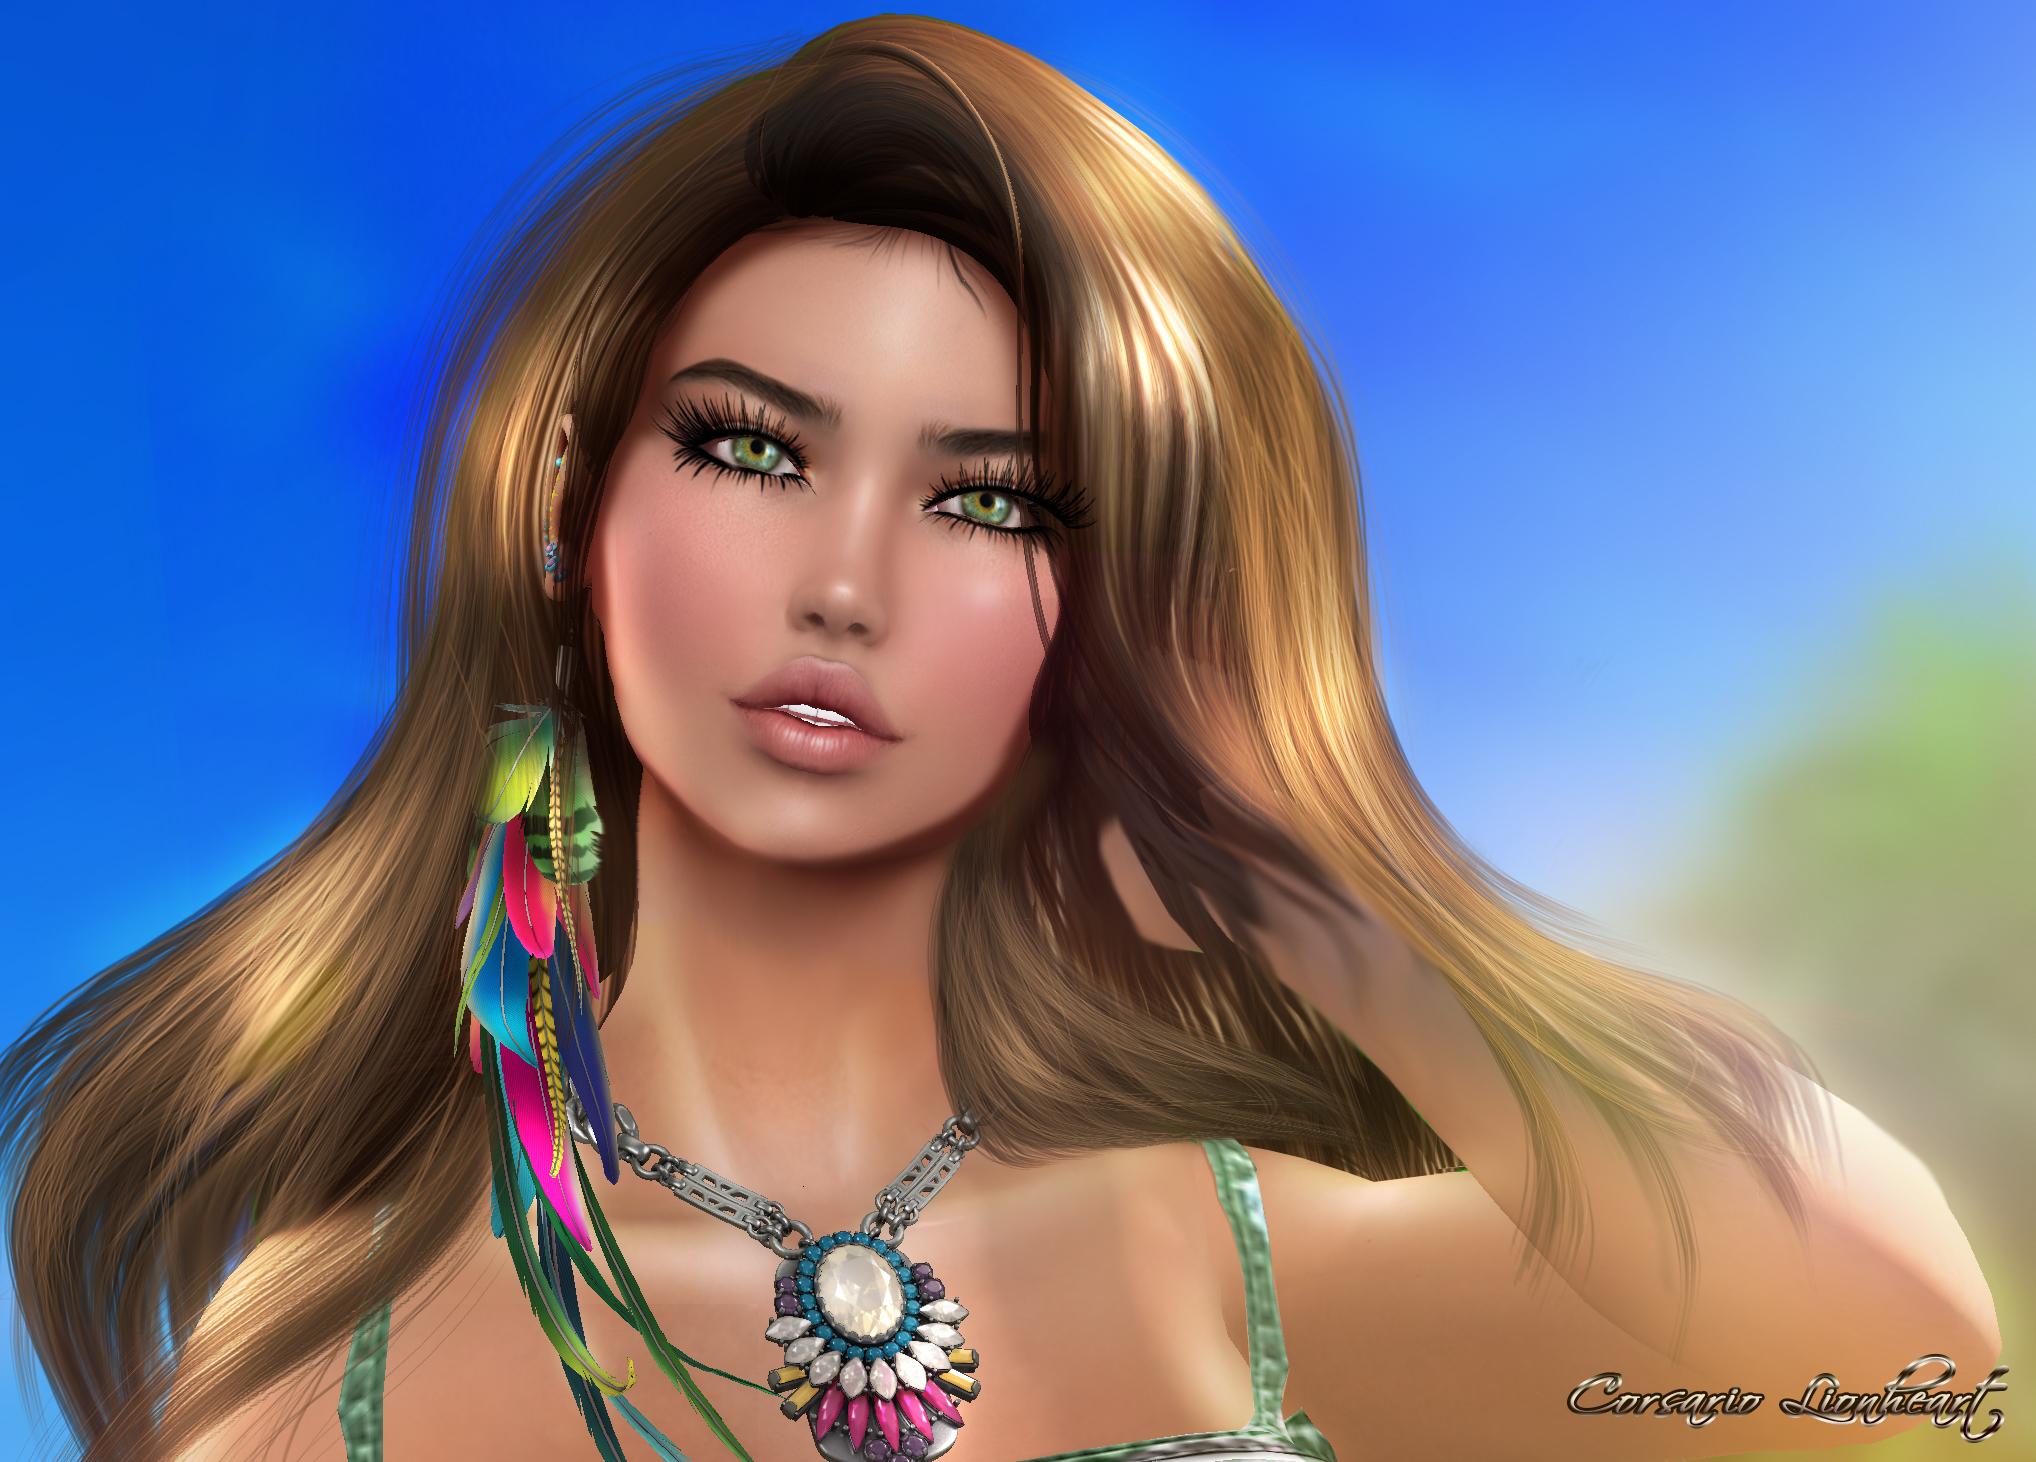 Wallpaper Face Model Long Hair Beach Black Hair Tropical